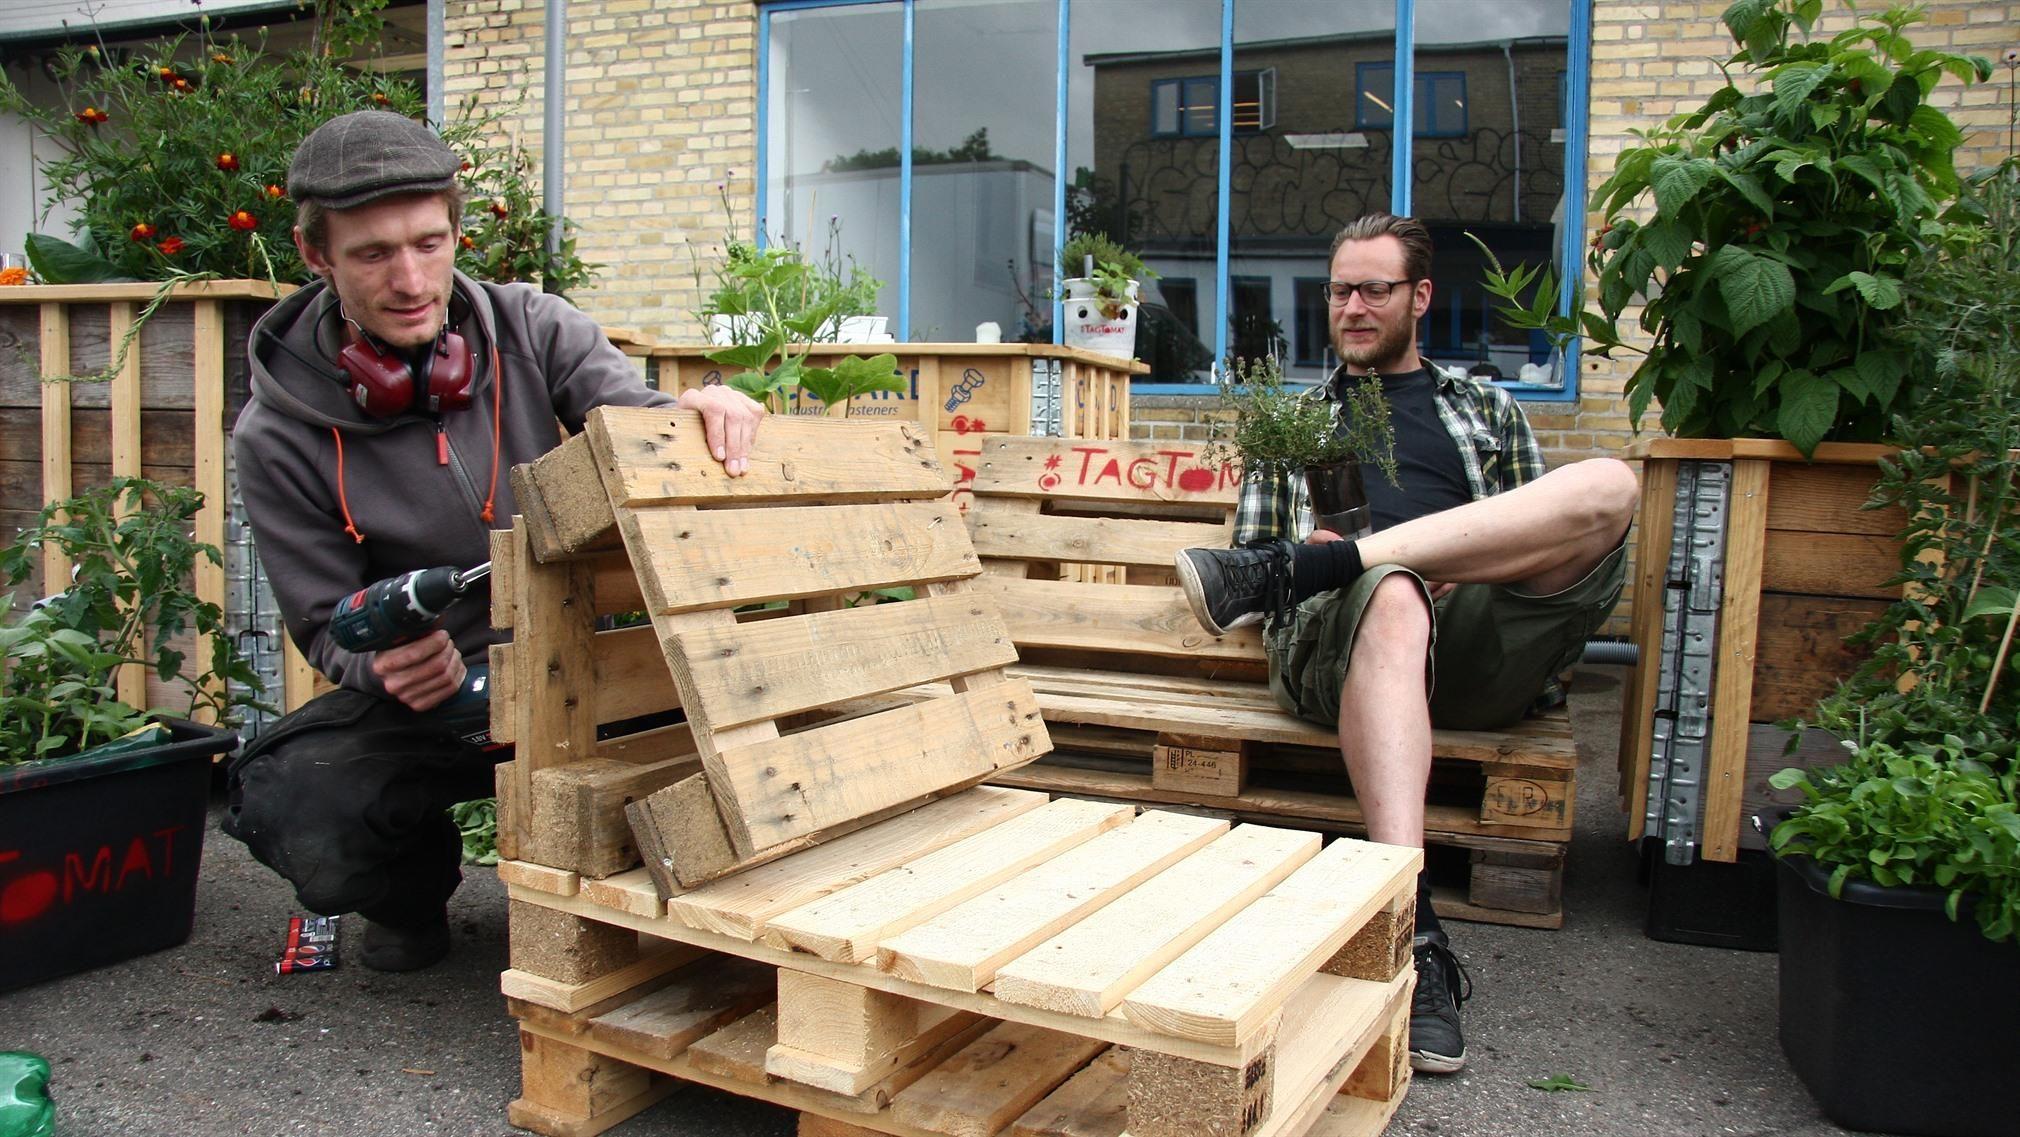 Hvis vejret alligevel er slået om, så gå i krig med at bygge din helt egen havestol. Det tager kun fem minutter, lover eksperten.